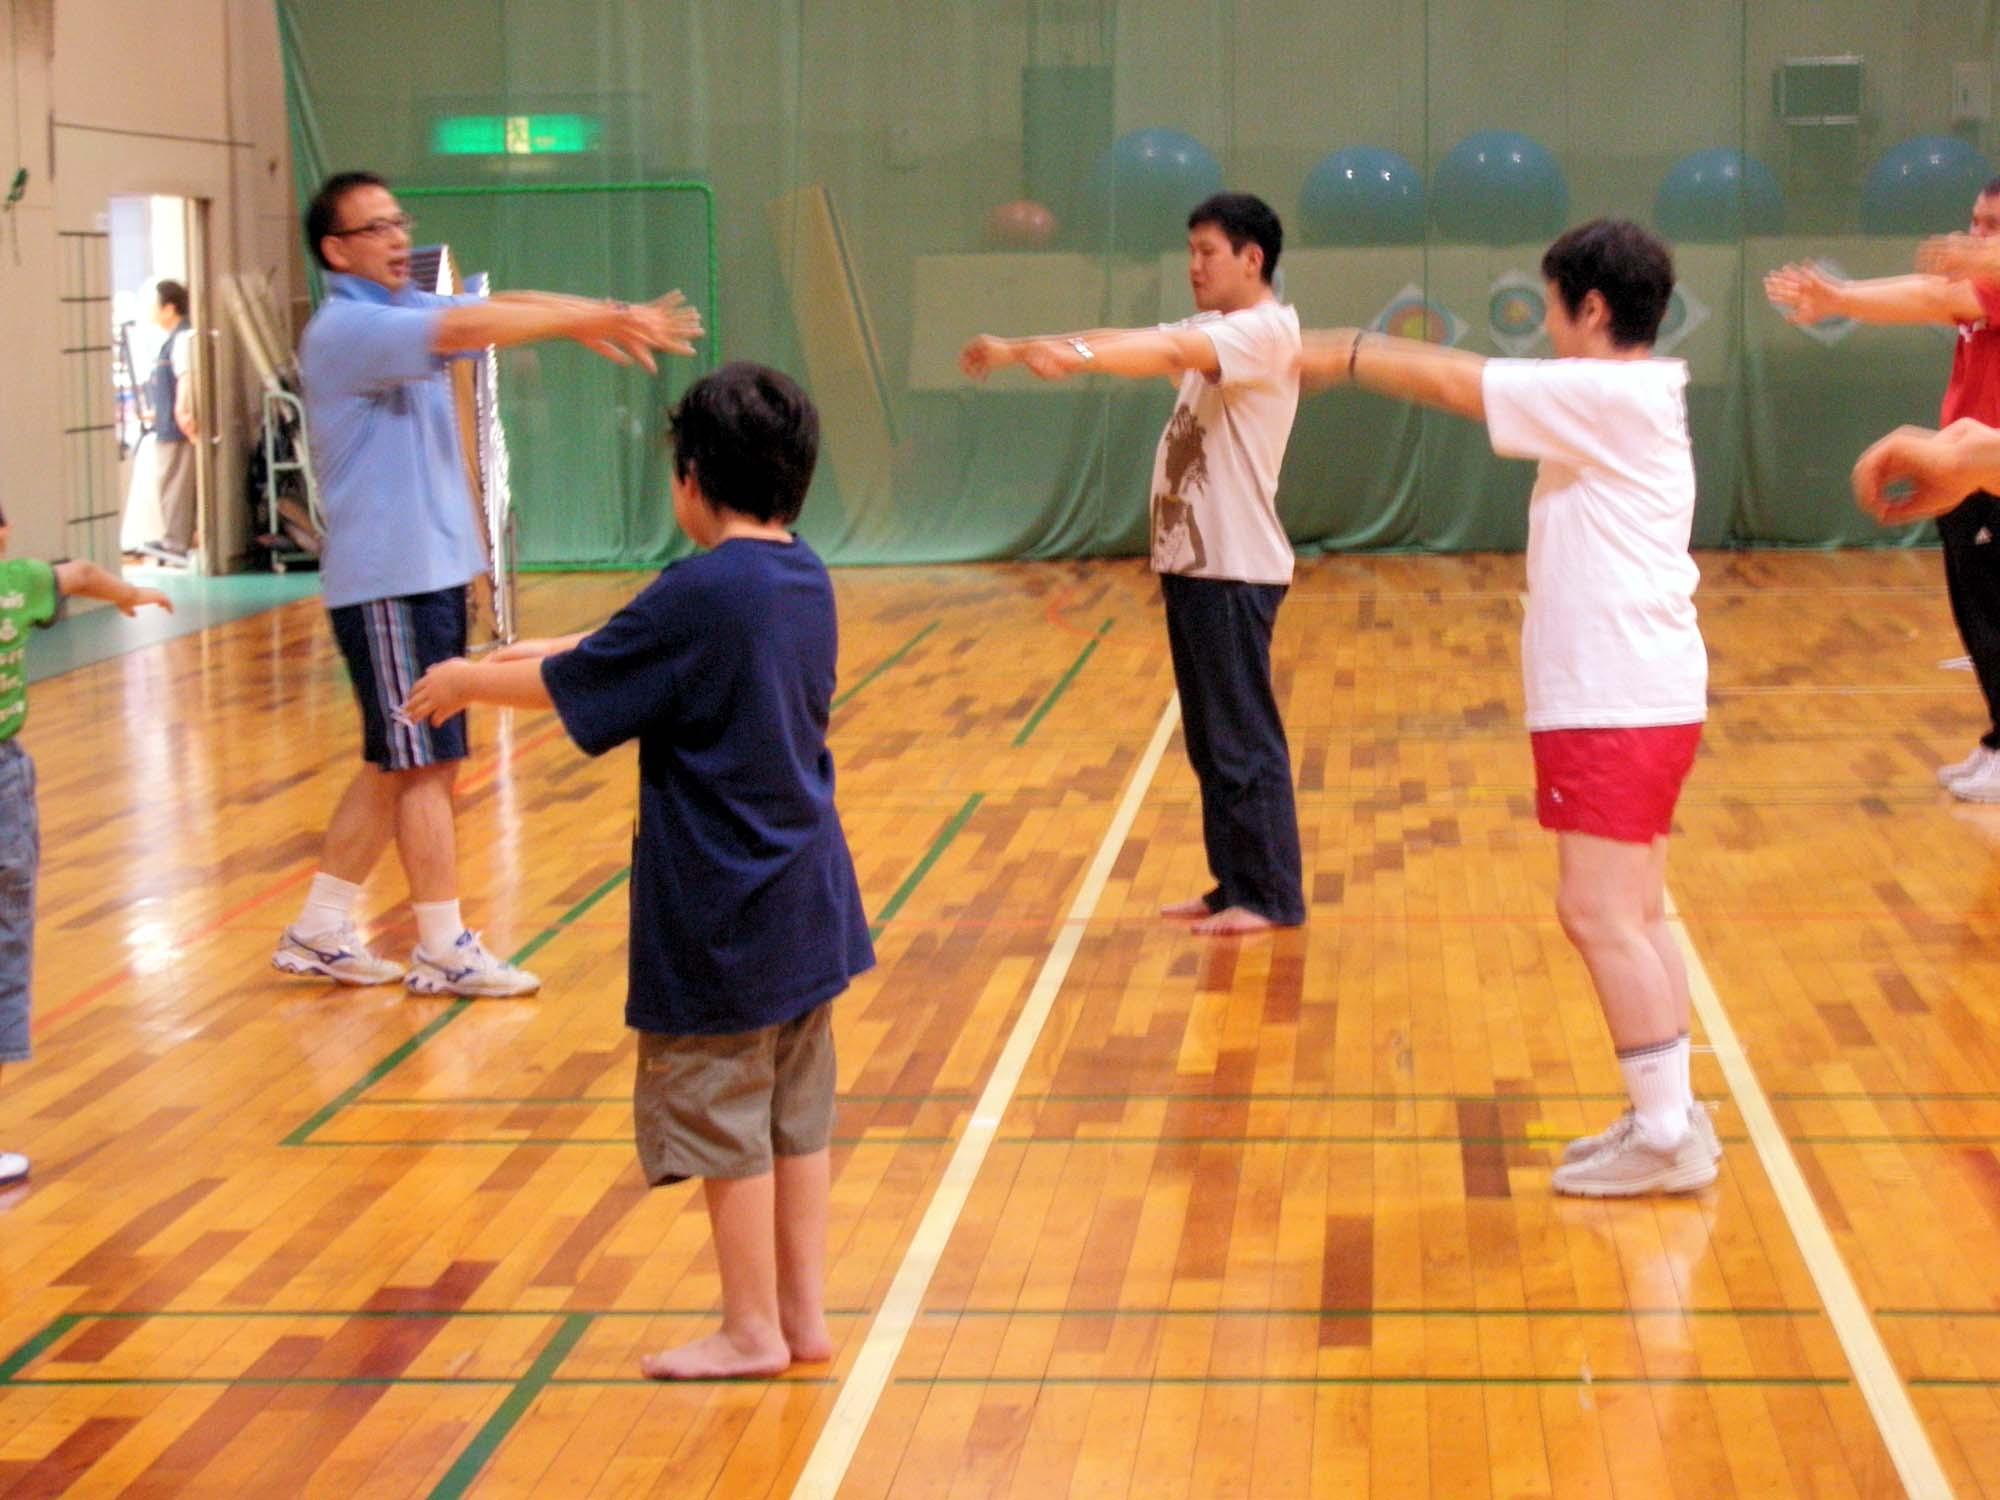 P7050288 - リズム体操教室より ・・・リズムに合わせて楽しく体を動かしています。